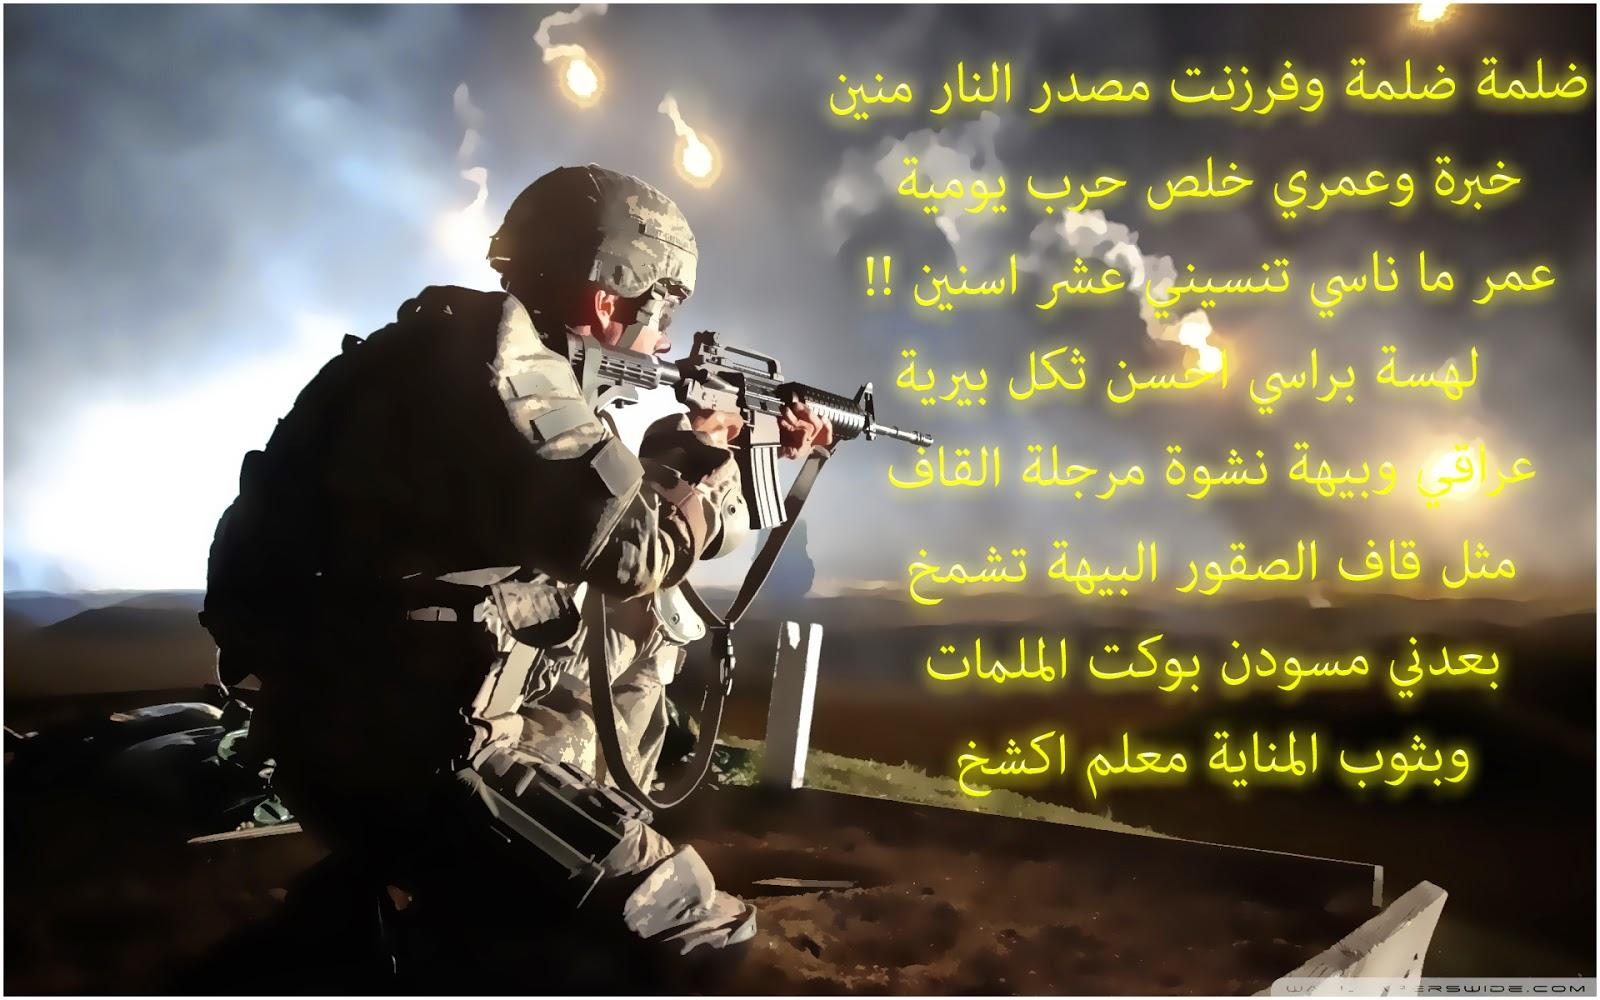 بالصور شعر عن العراق , اجمل الاشعار عن العراق 224 1